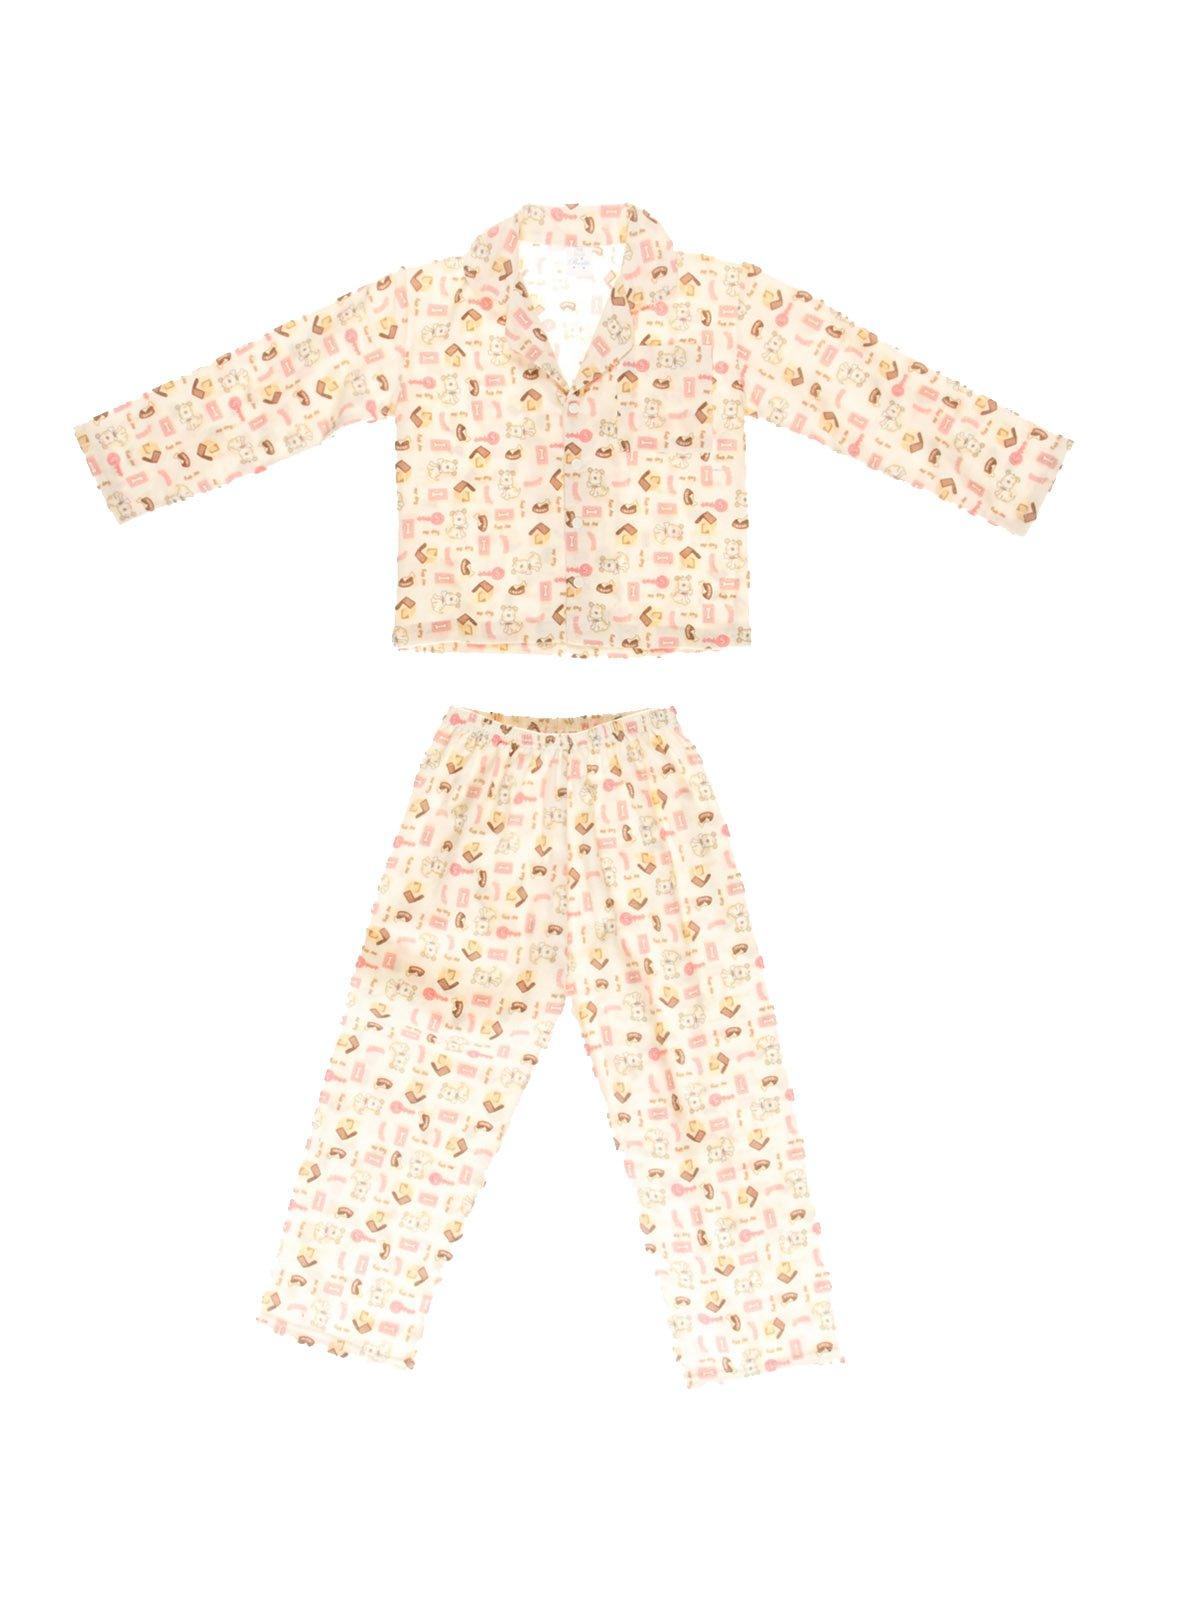 Піжама фланелева з начосом: кофта та штани | 3783111